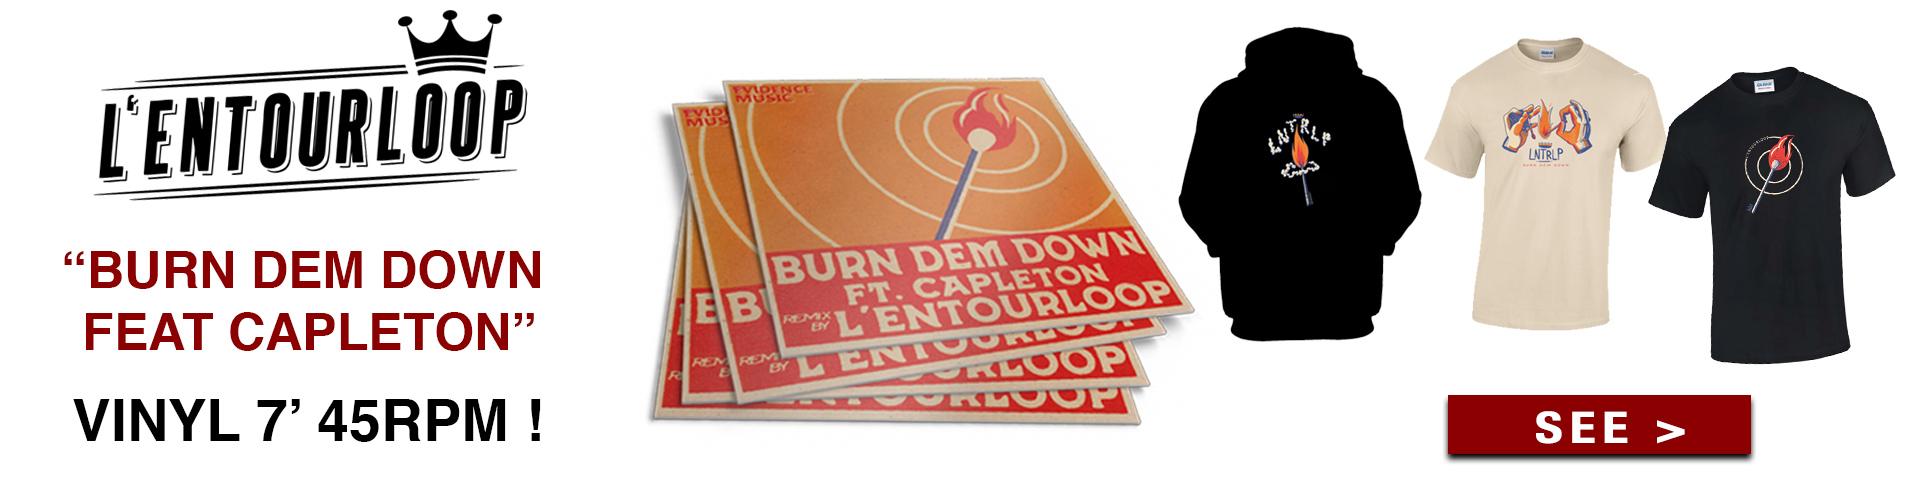 L'Entouroop-New-vinyl-feat-capleton